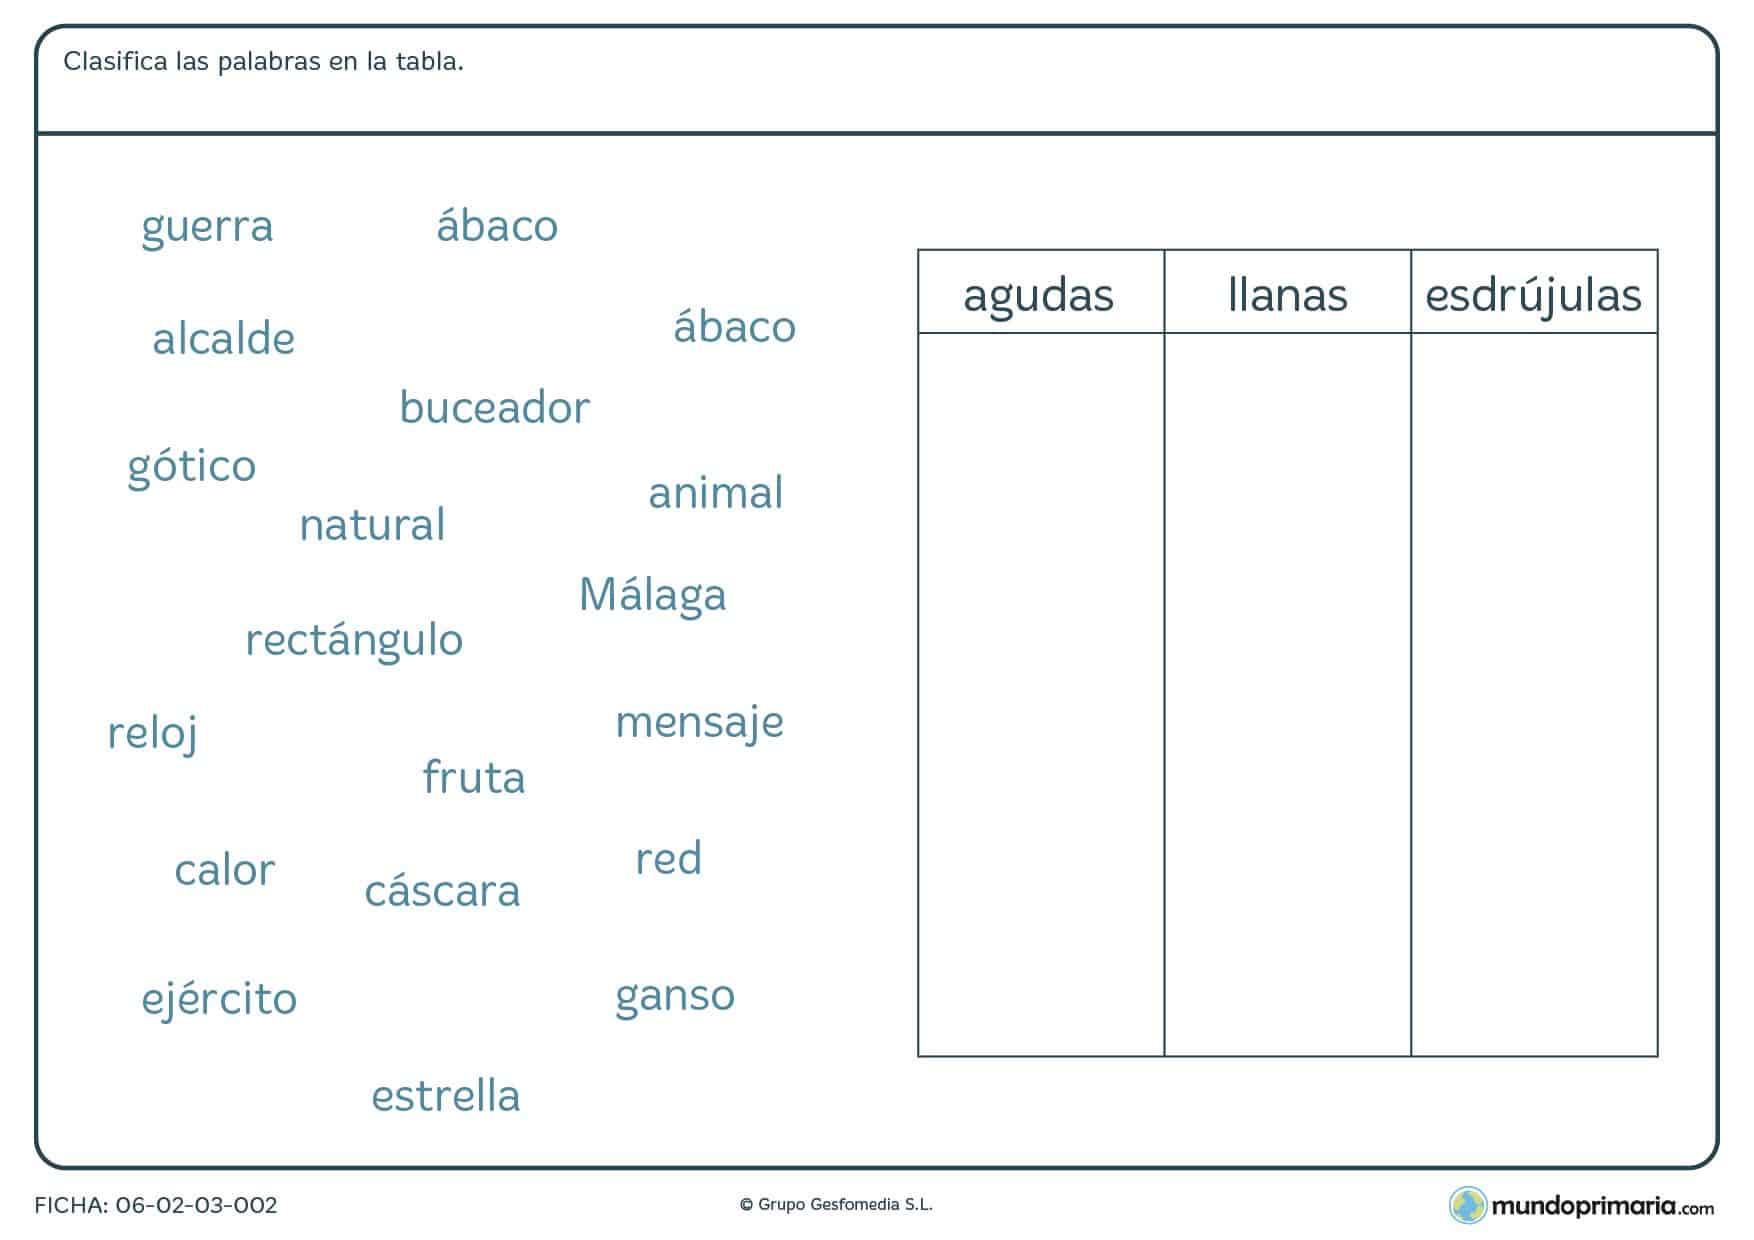 Ficha de clasificar las palabras en la tabla según sea su acentuación